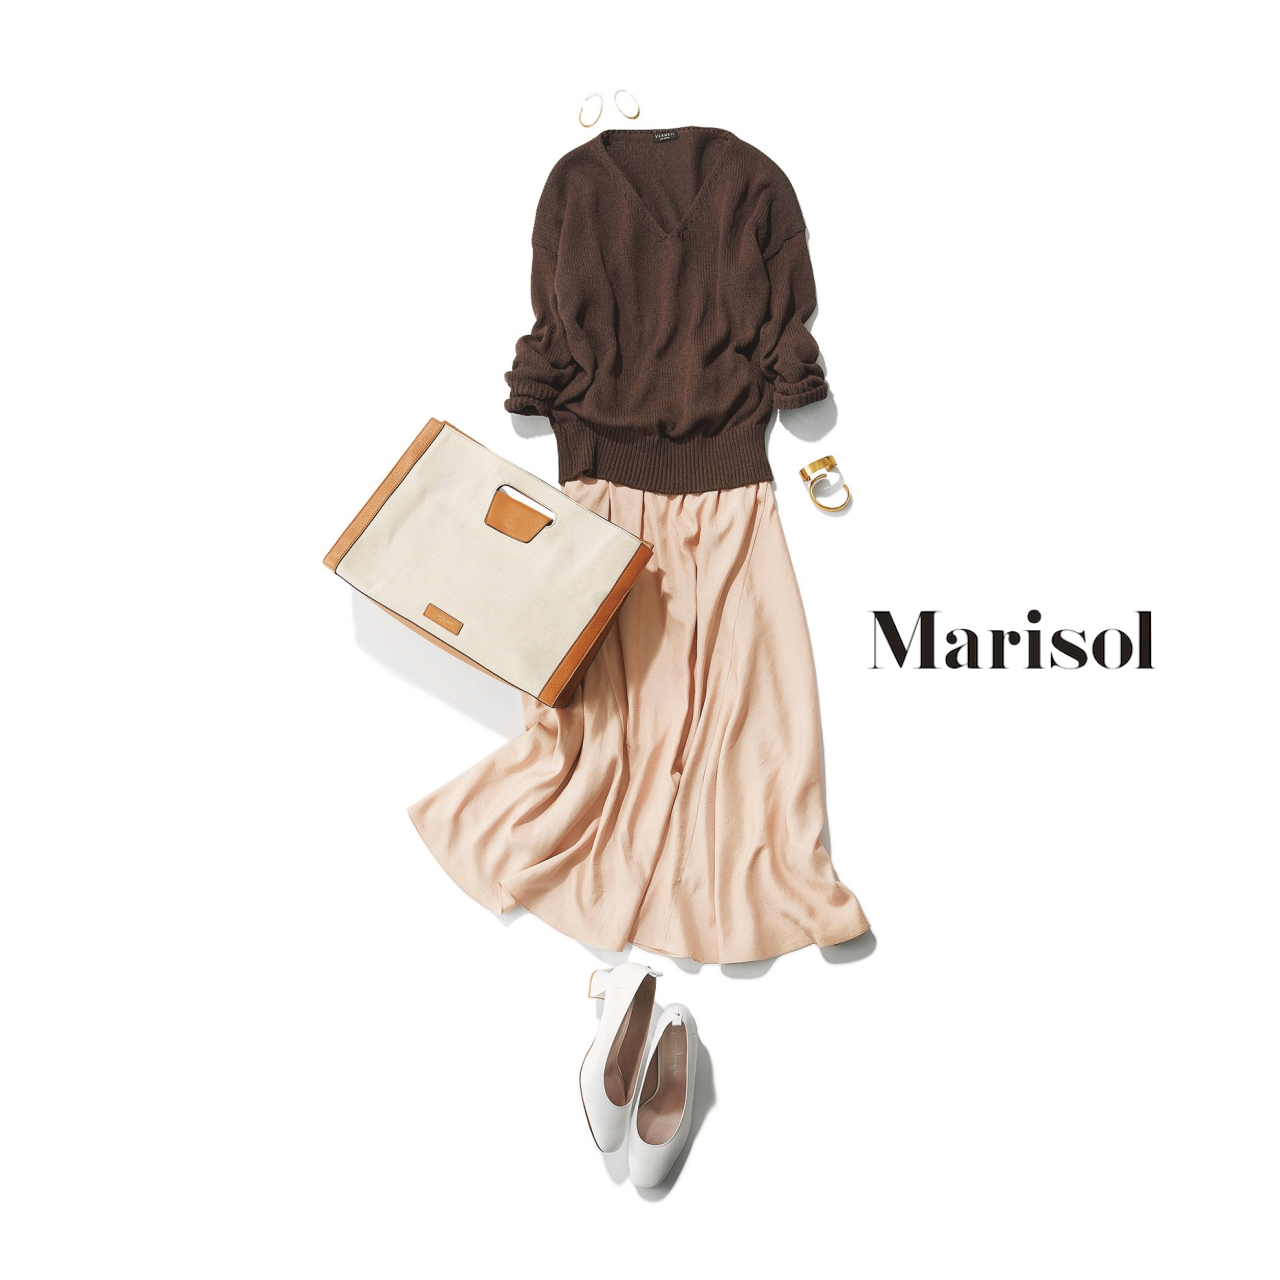 40代ファッション ブラウンニット×洗えるシルク調スカートコーデ